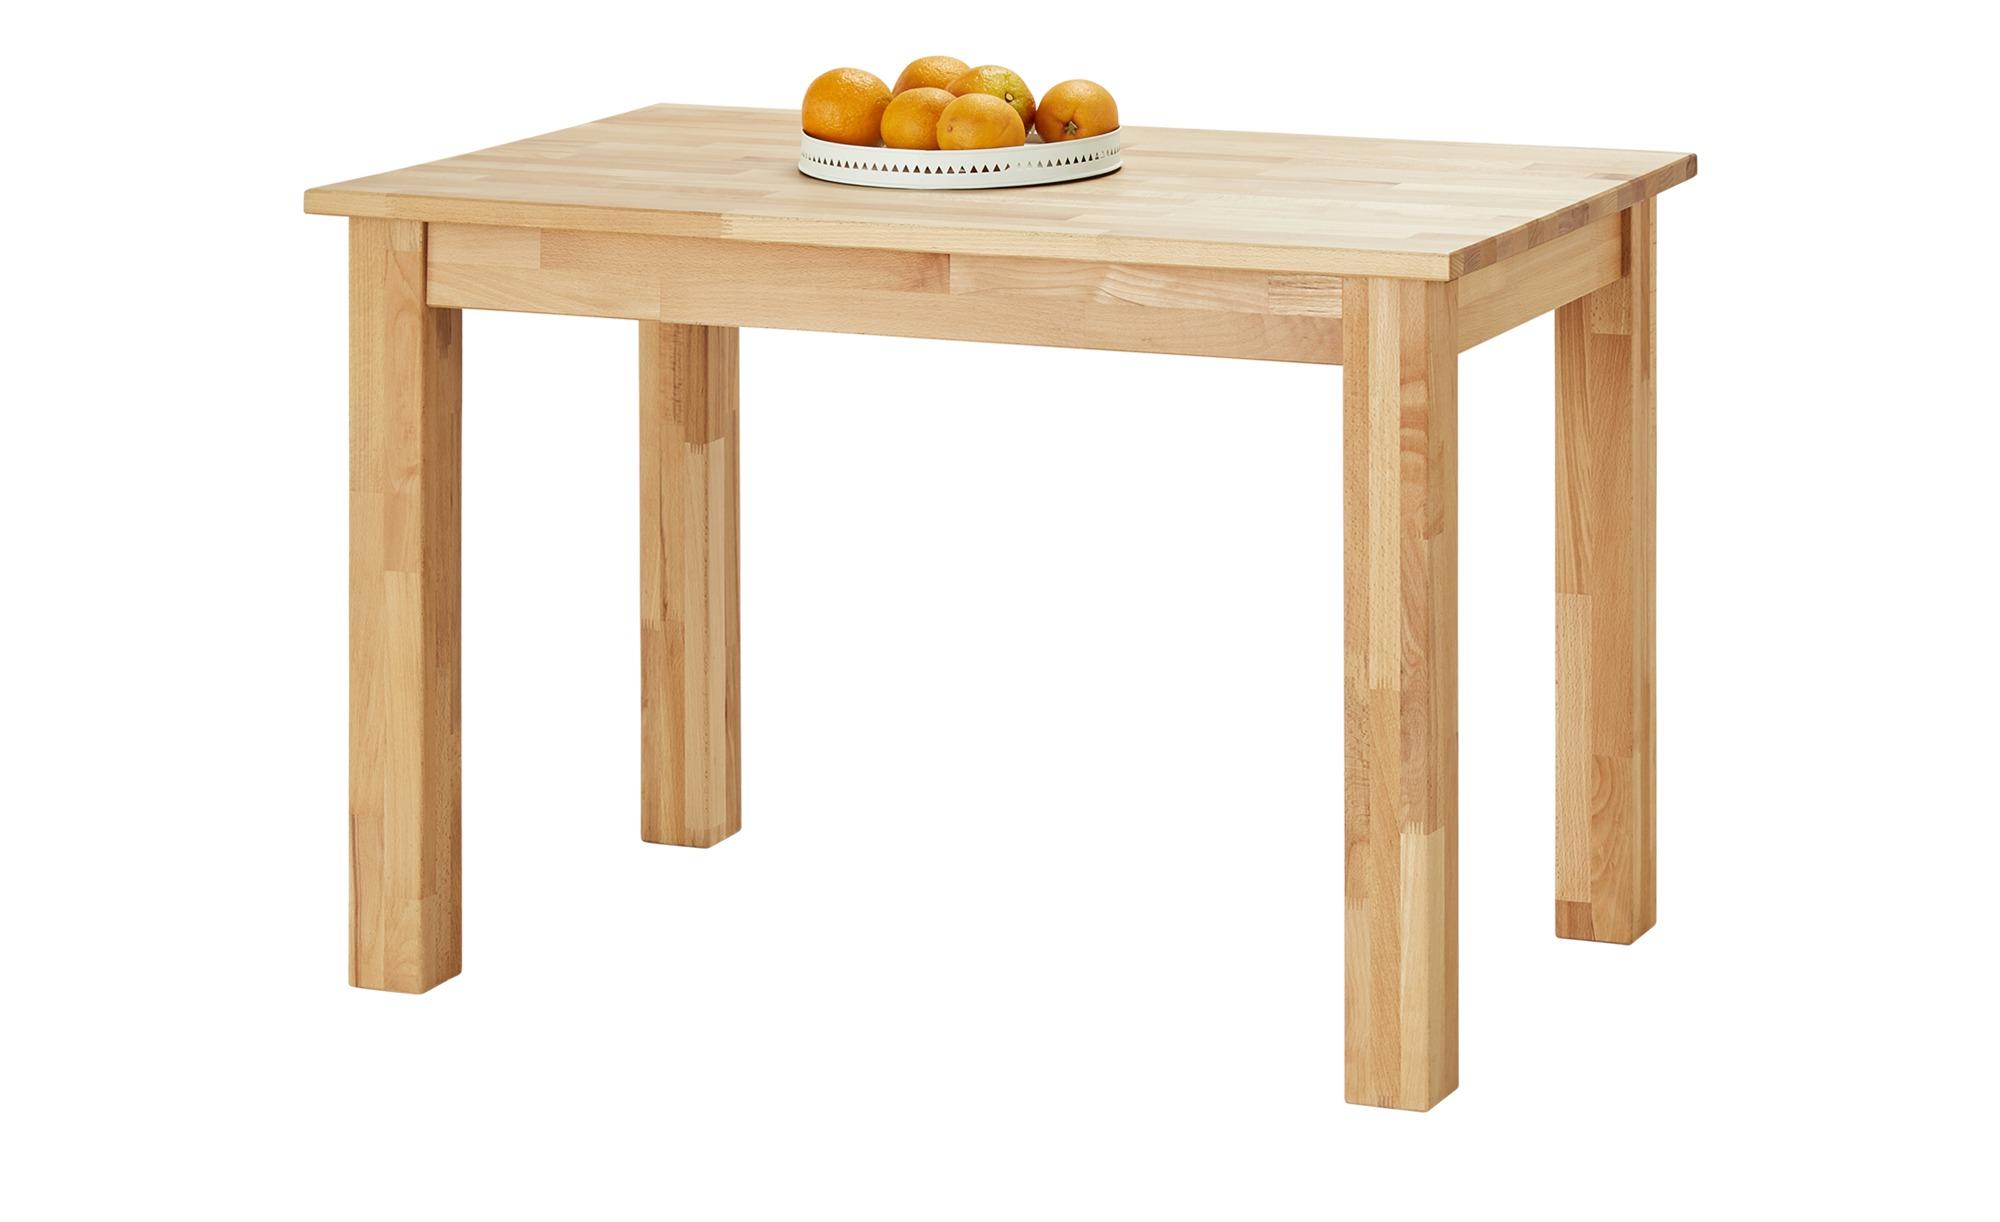 Woodford Esstisch  Lukas ¦ holzfarben ¦ Maße (cm): B: 70 H: 75 Tische > Esstische > Esstische massiv - Höffner